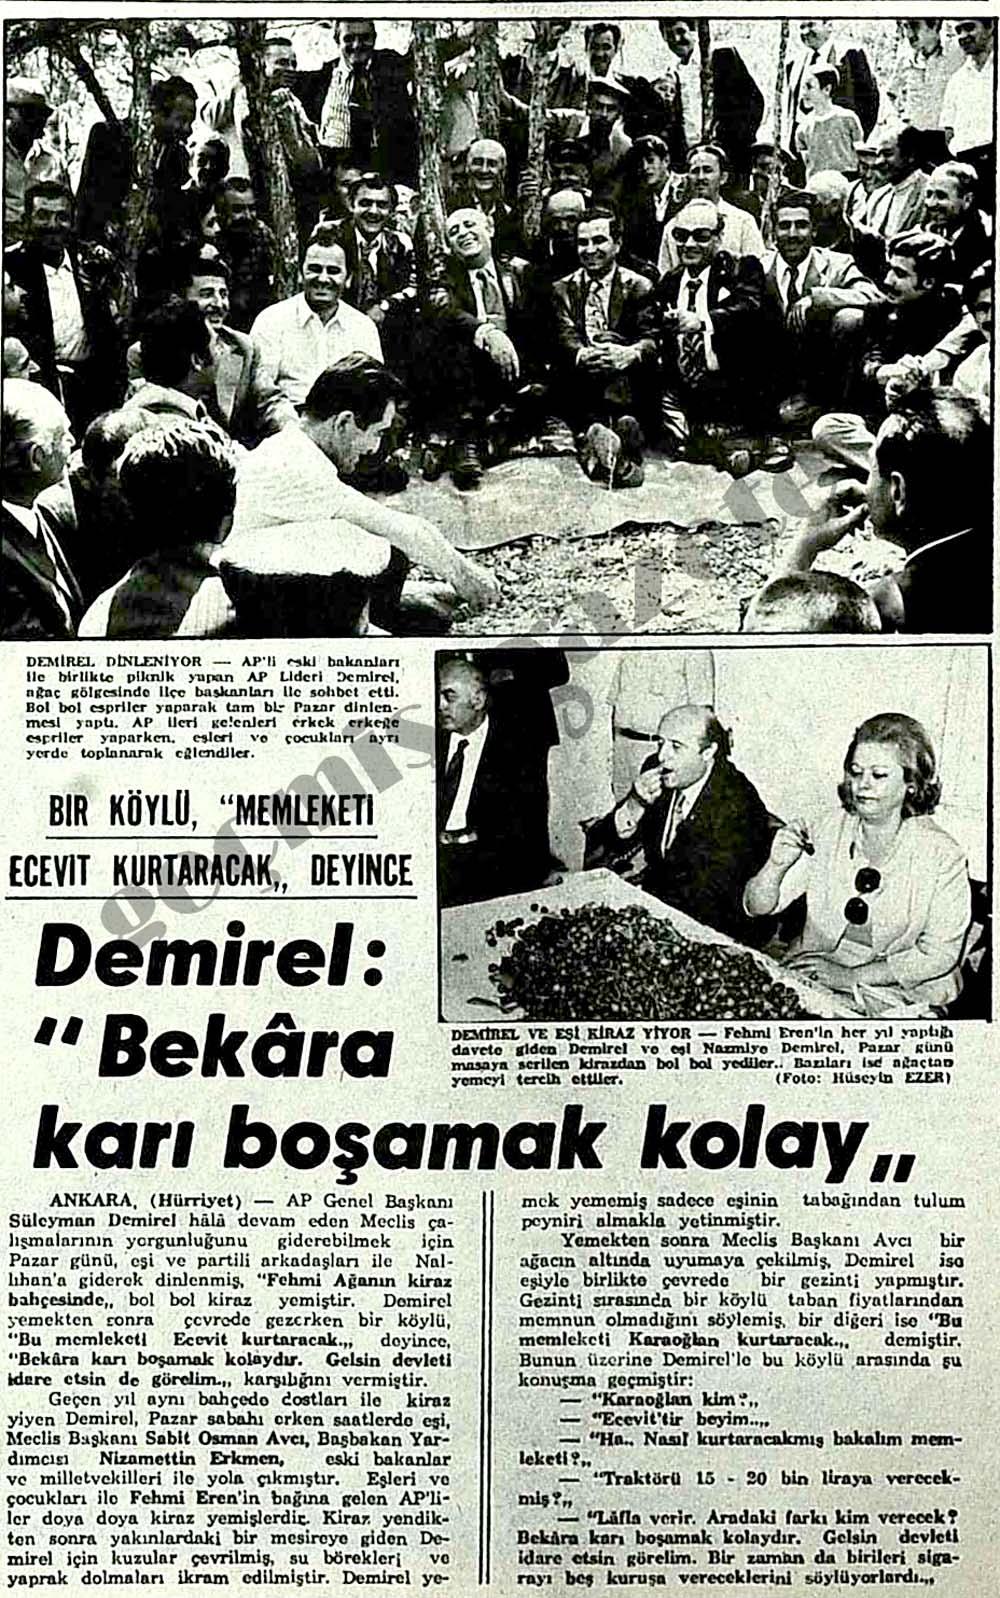 """Bir köylü, """"Memleketi Ecevit kurtaracak"""" deyince Demirel: """"Bekara karı boşamak kolay"""""""